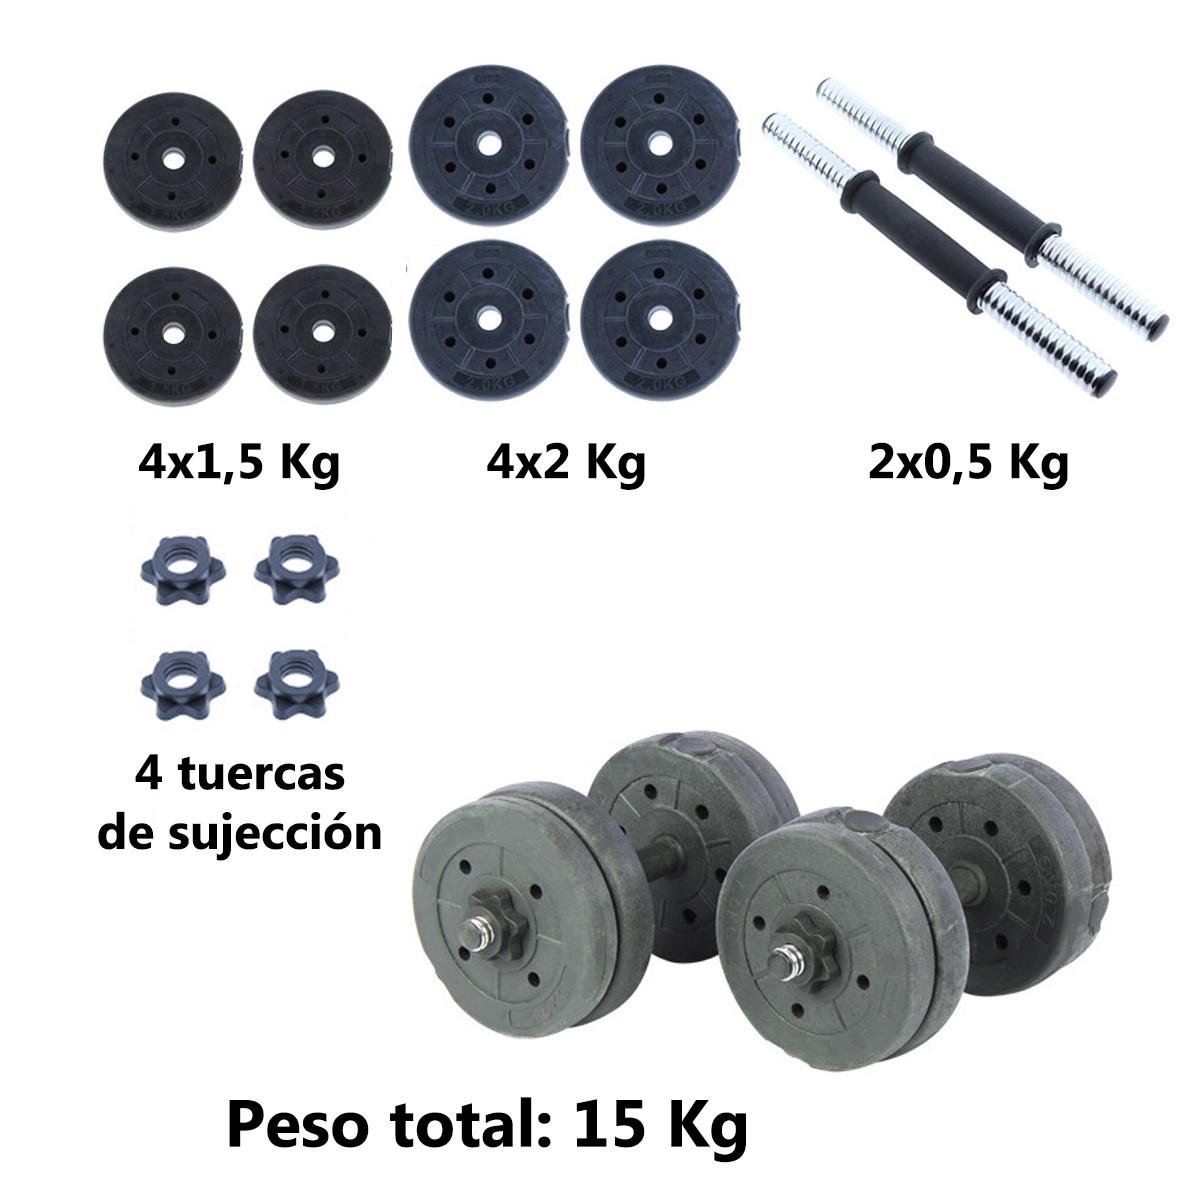 Juego-de-mancuernas-ajustables-con-discos-varios-pesos-Risc miniatura 33